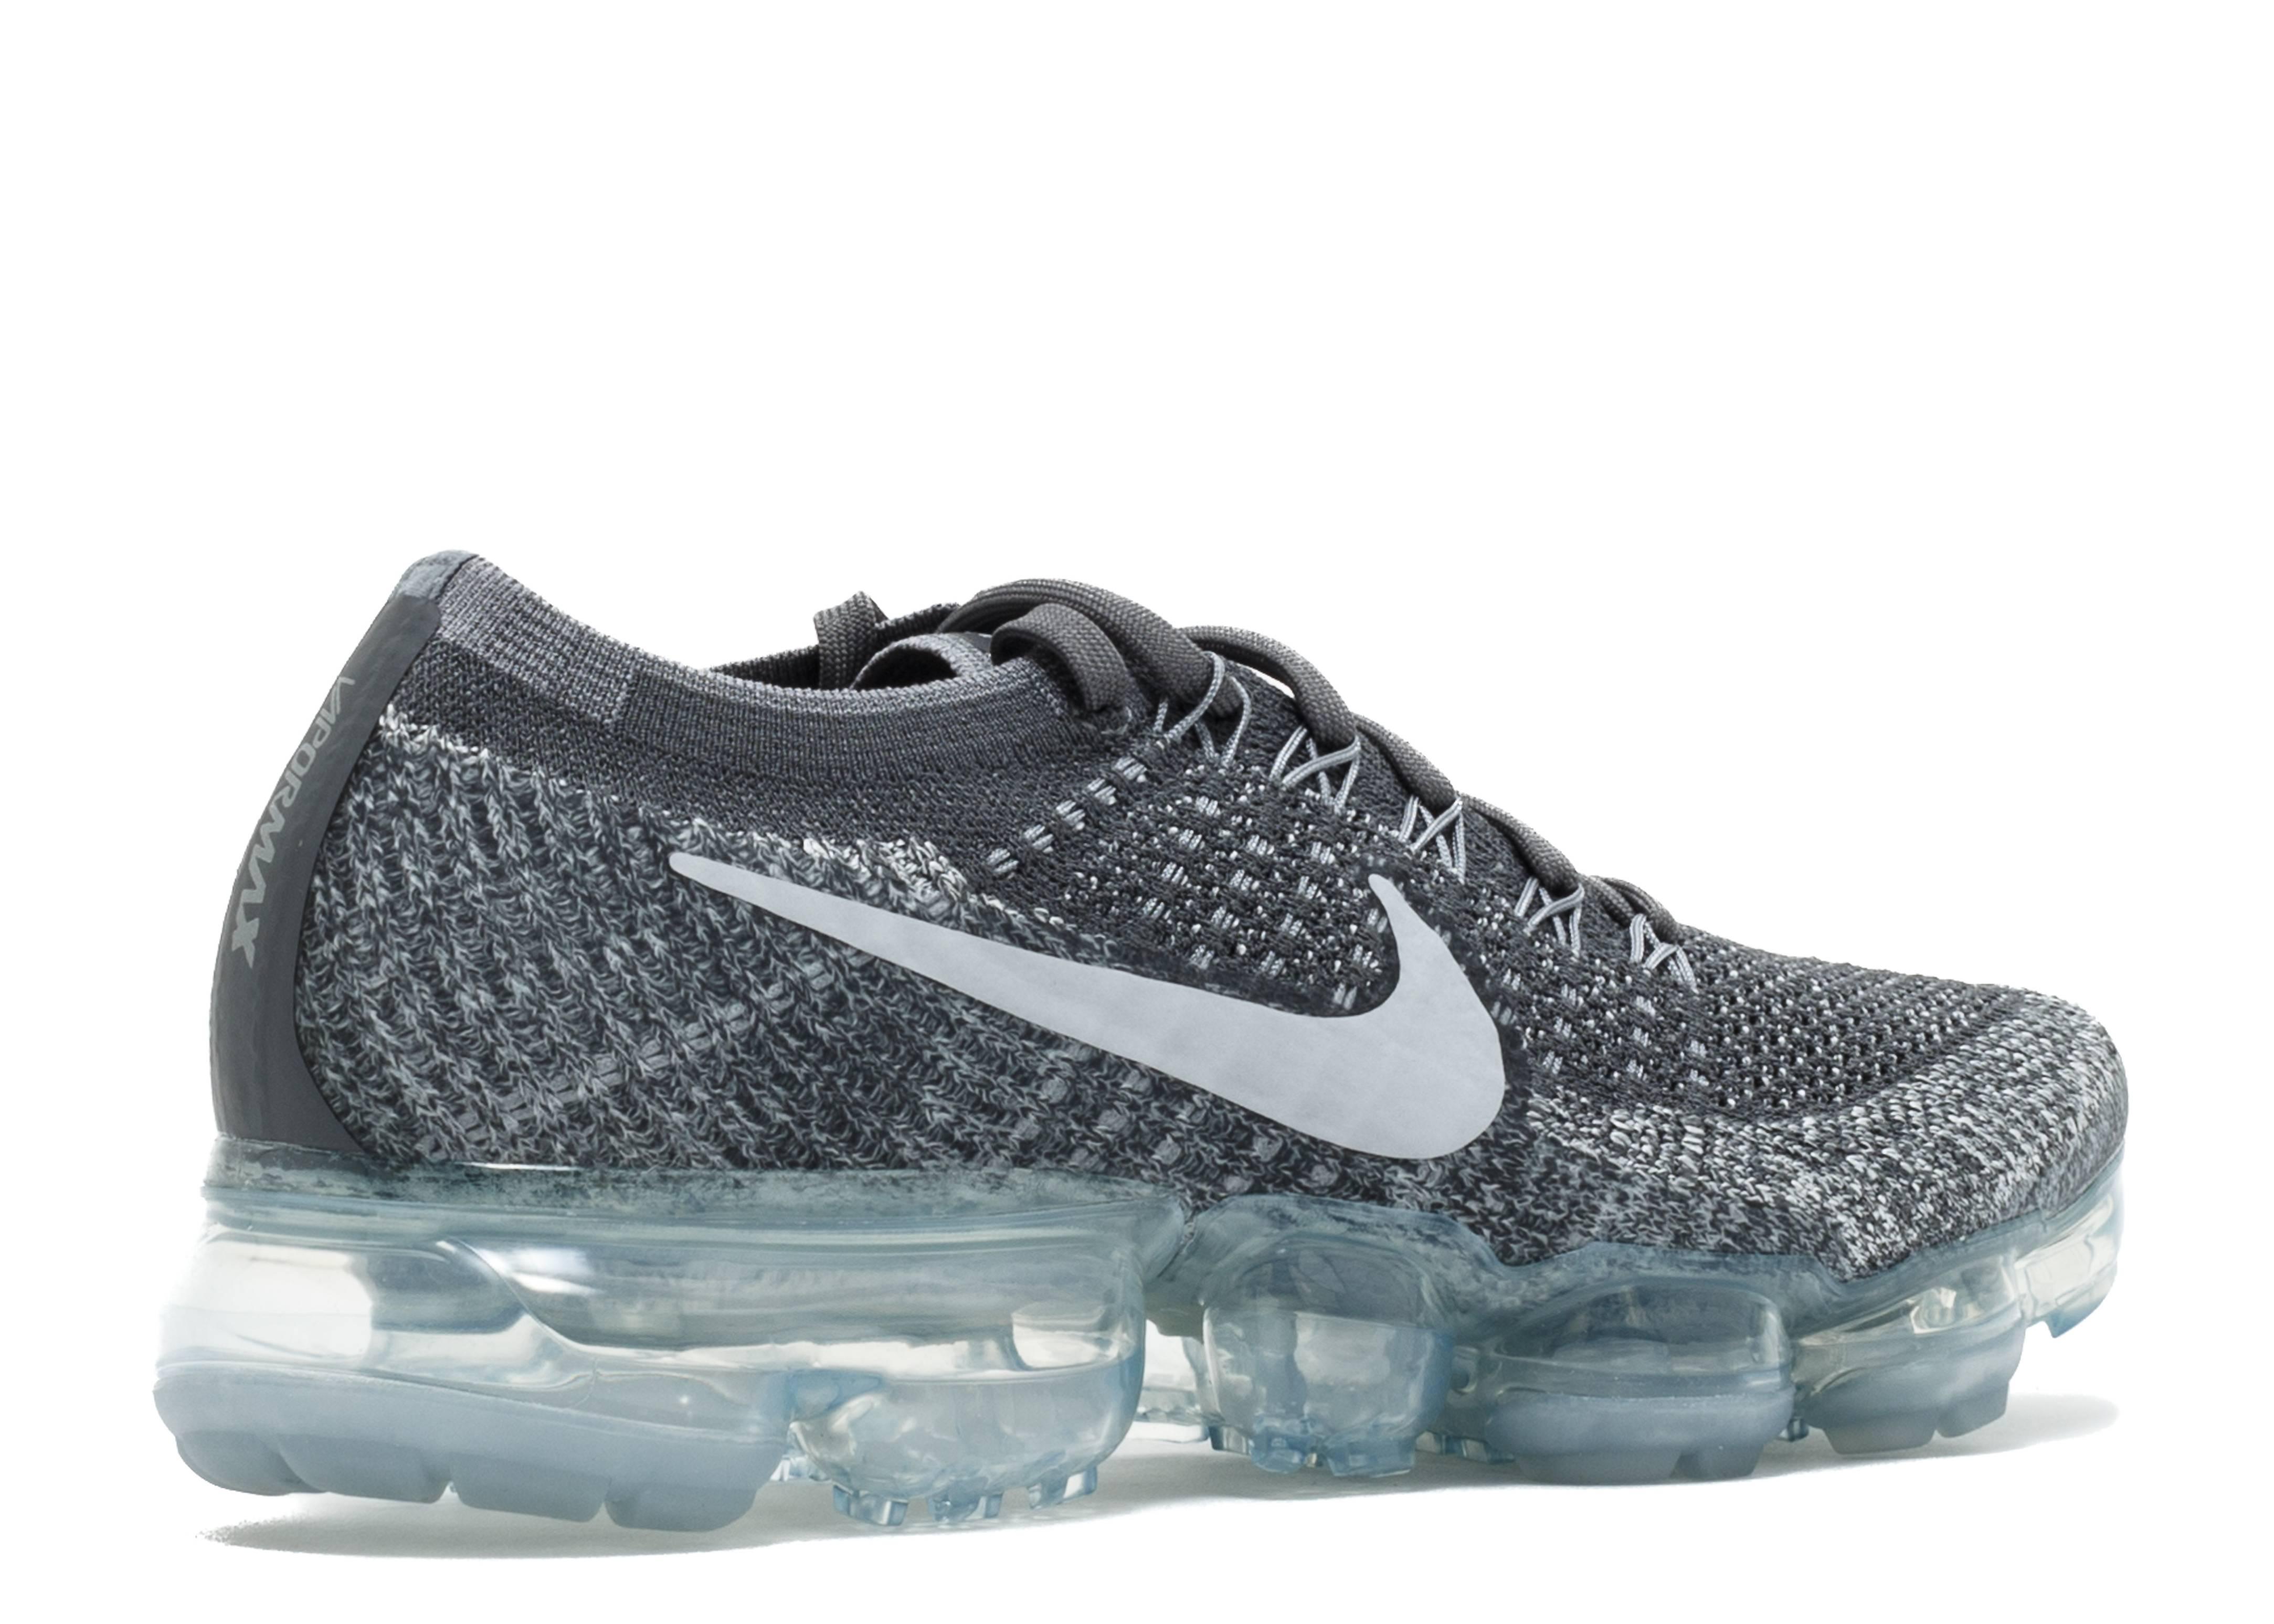 558869f8d217ae Wmns Nike Air Vapormax Flyknit - Nike - 849557 002 - dark grey black-wolf  grey